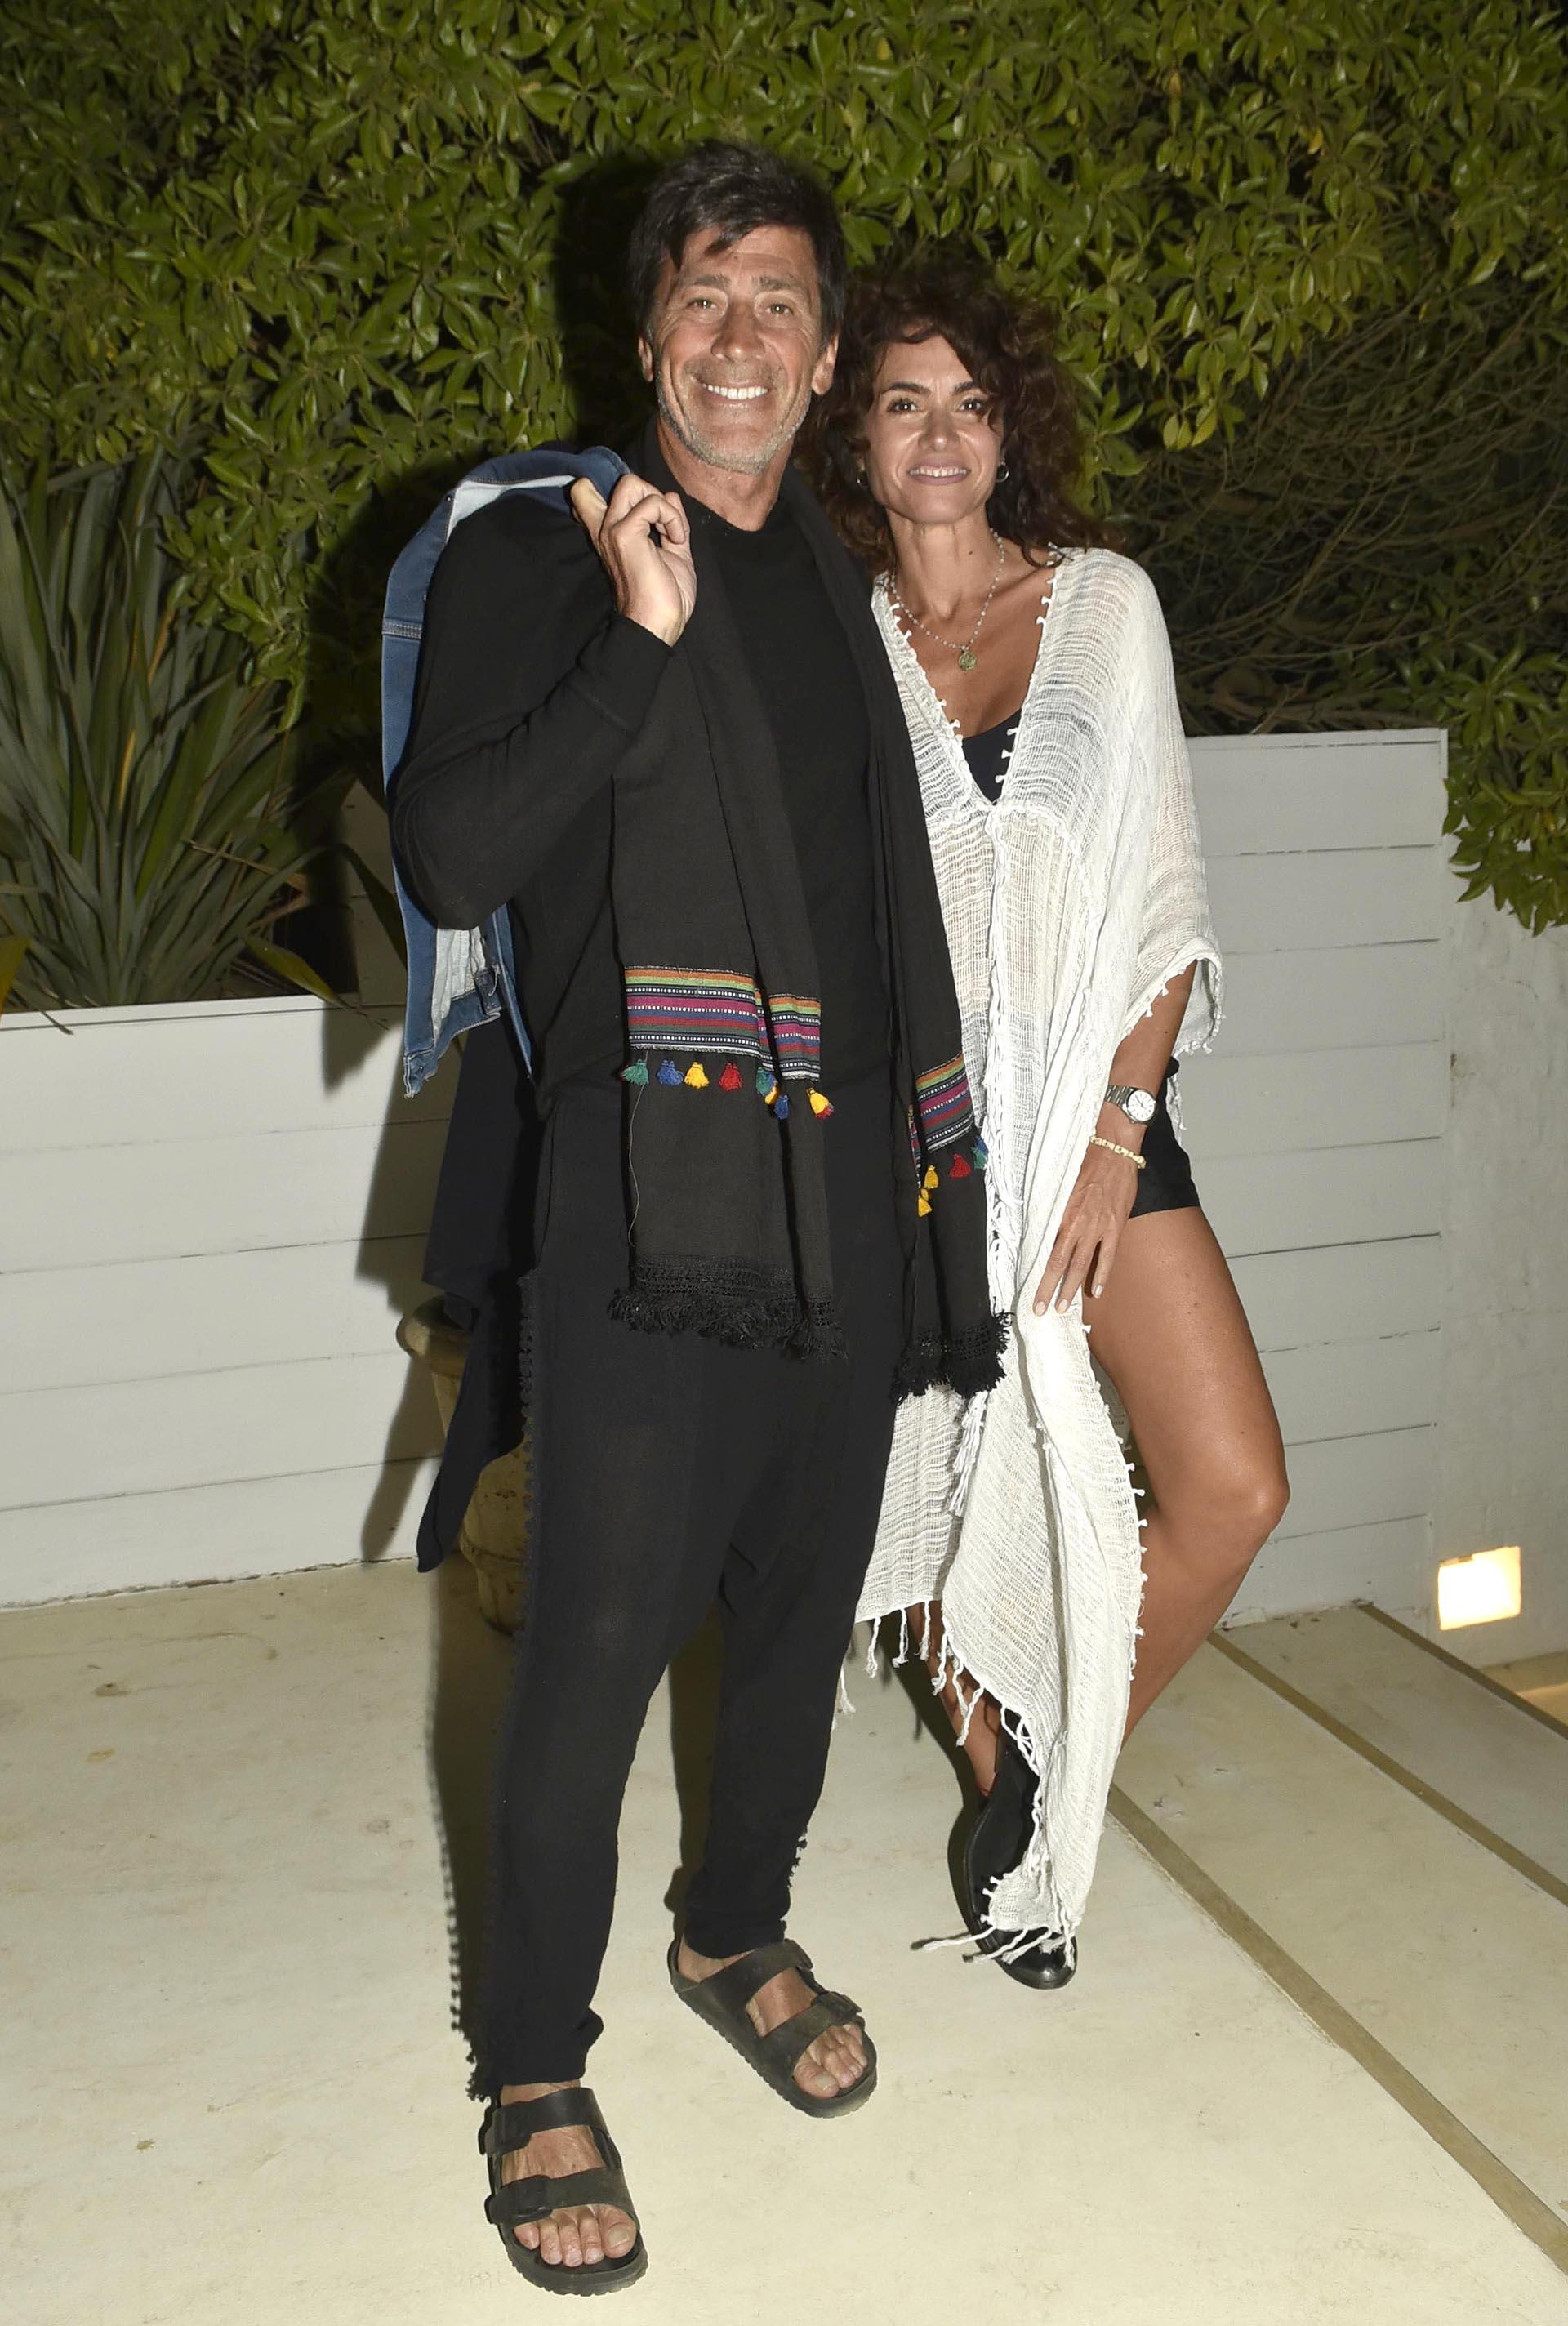 Cancheros y juveniles, los looks elegidos por la pareja top en el cumpleaños de Viale. Black & White y tejidos para protegerse del frío. Un must: sandalias o zapatos bajos por la arena